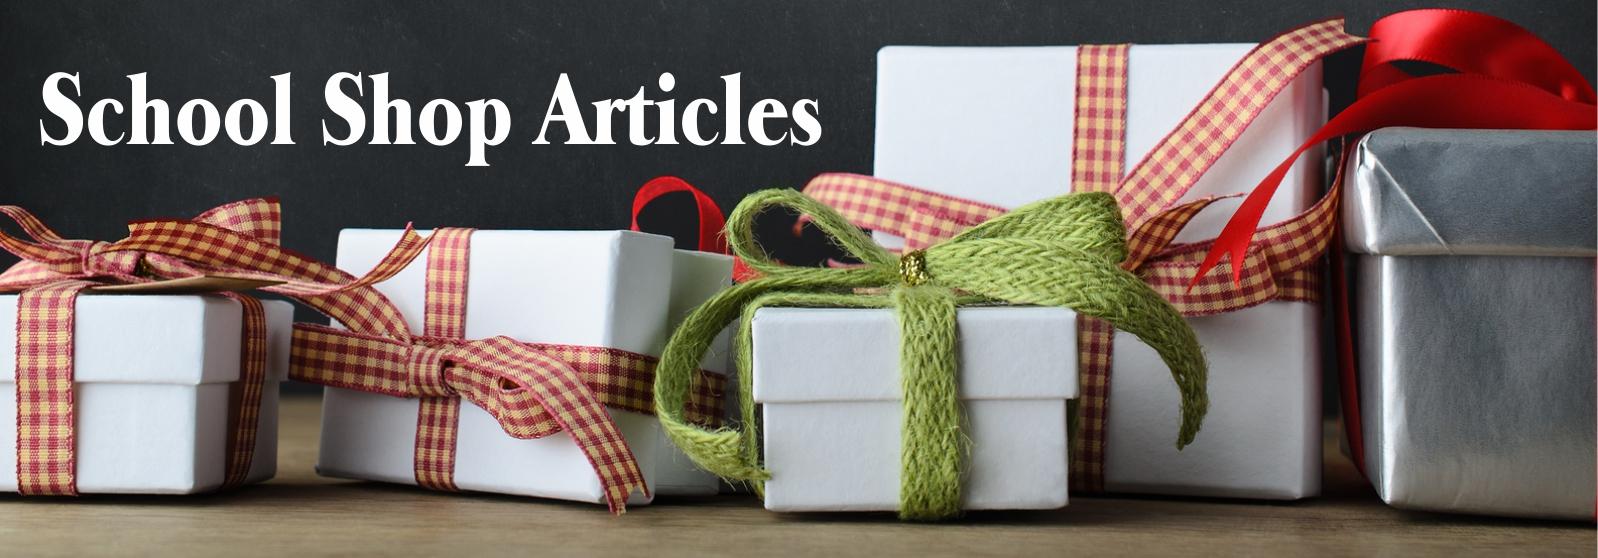 School shop articles